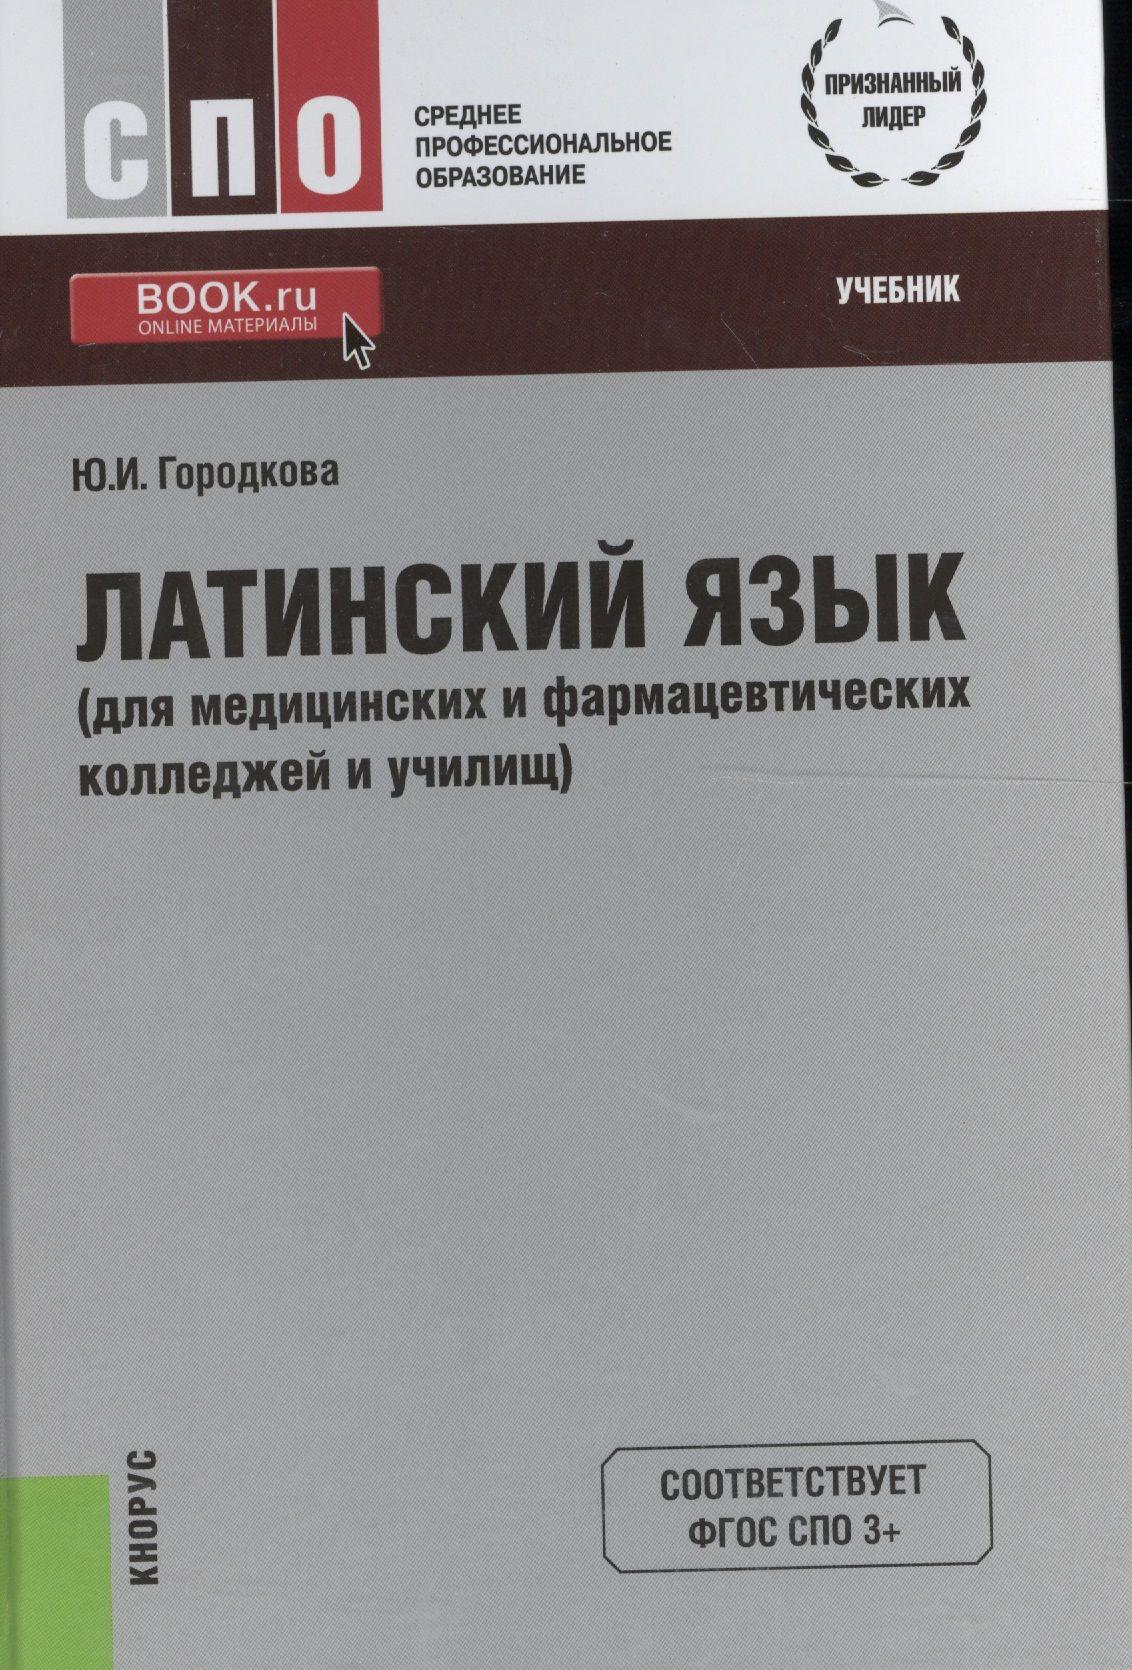 Решебник латинский язык автор ю.и городкова